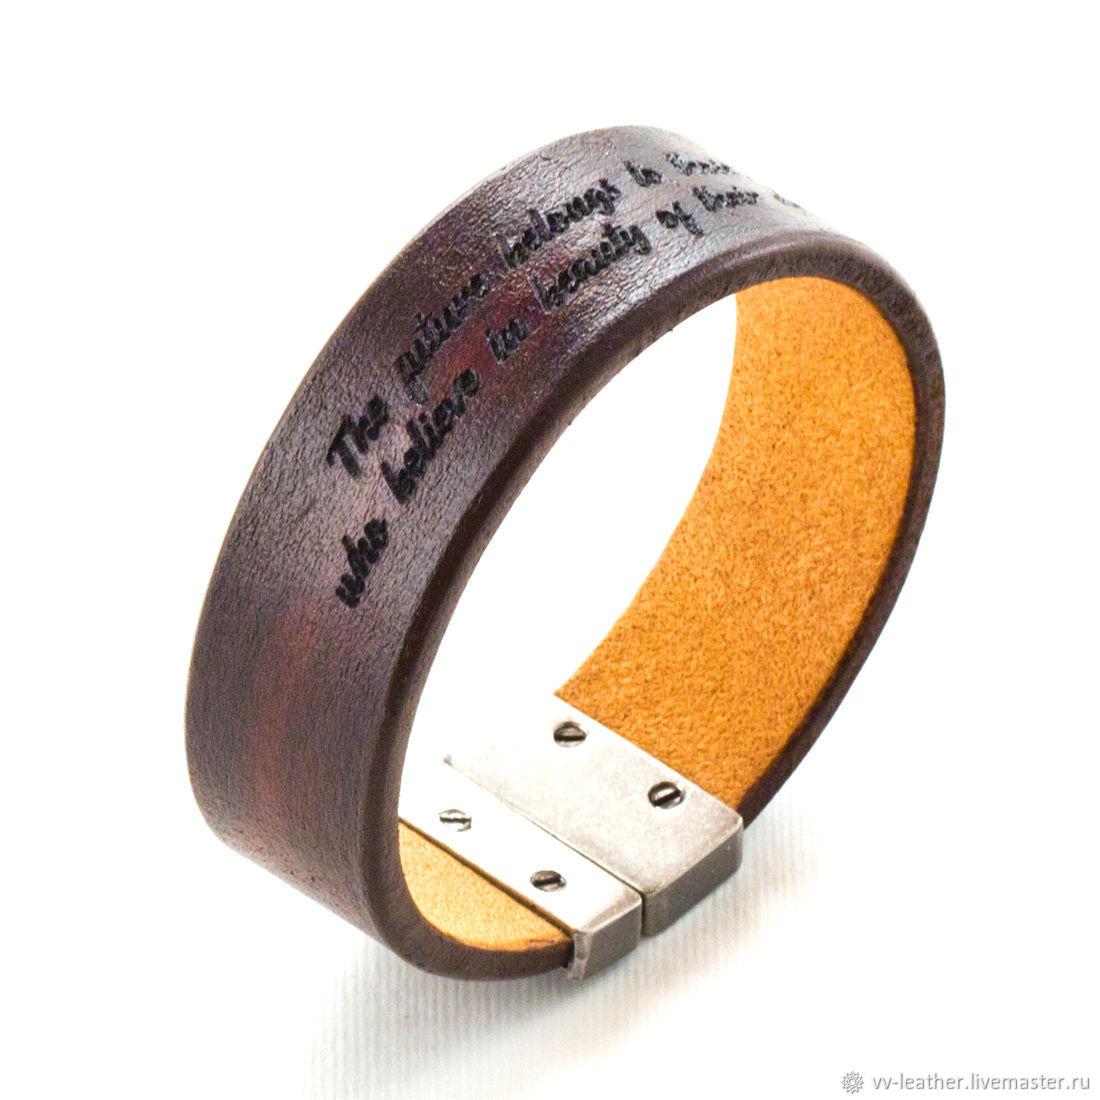 A leather bracelet